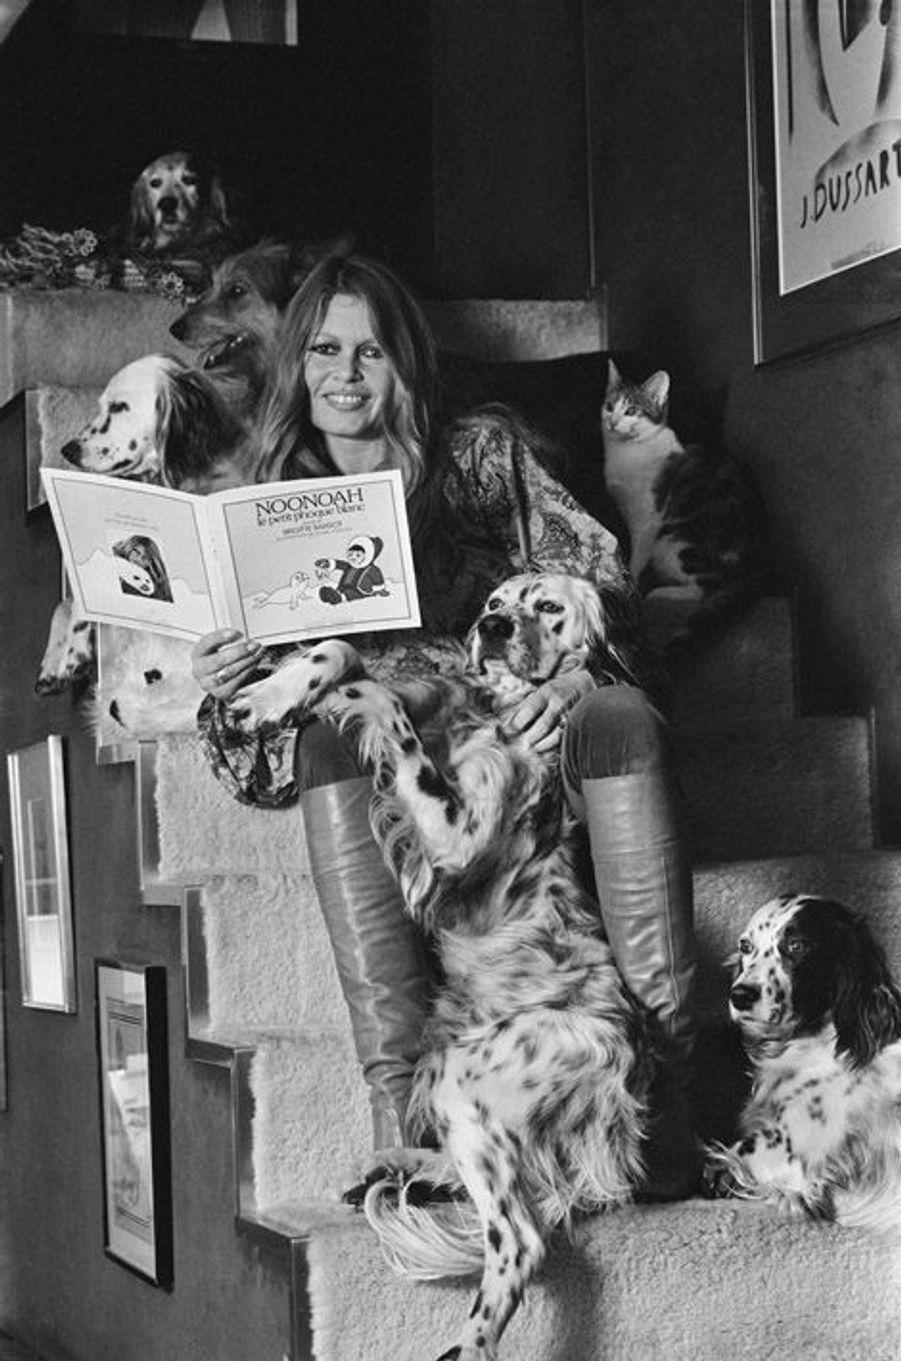 """Brigitte BARDOT présente son livre pour enfants : """"Noonoah le petit phoque blanc"""". Elle ne se sépare jamais de ses chiens, Nini, Mouche, Mienne, Macho, ni de sa chatte. Mars 1978."""